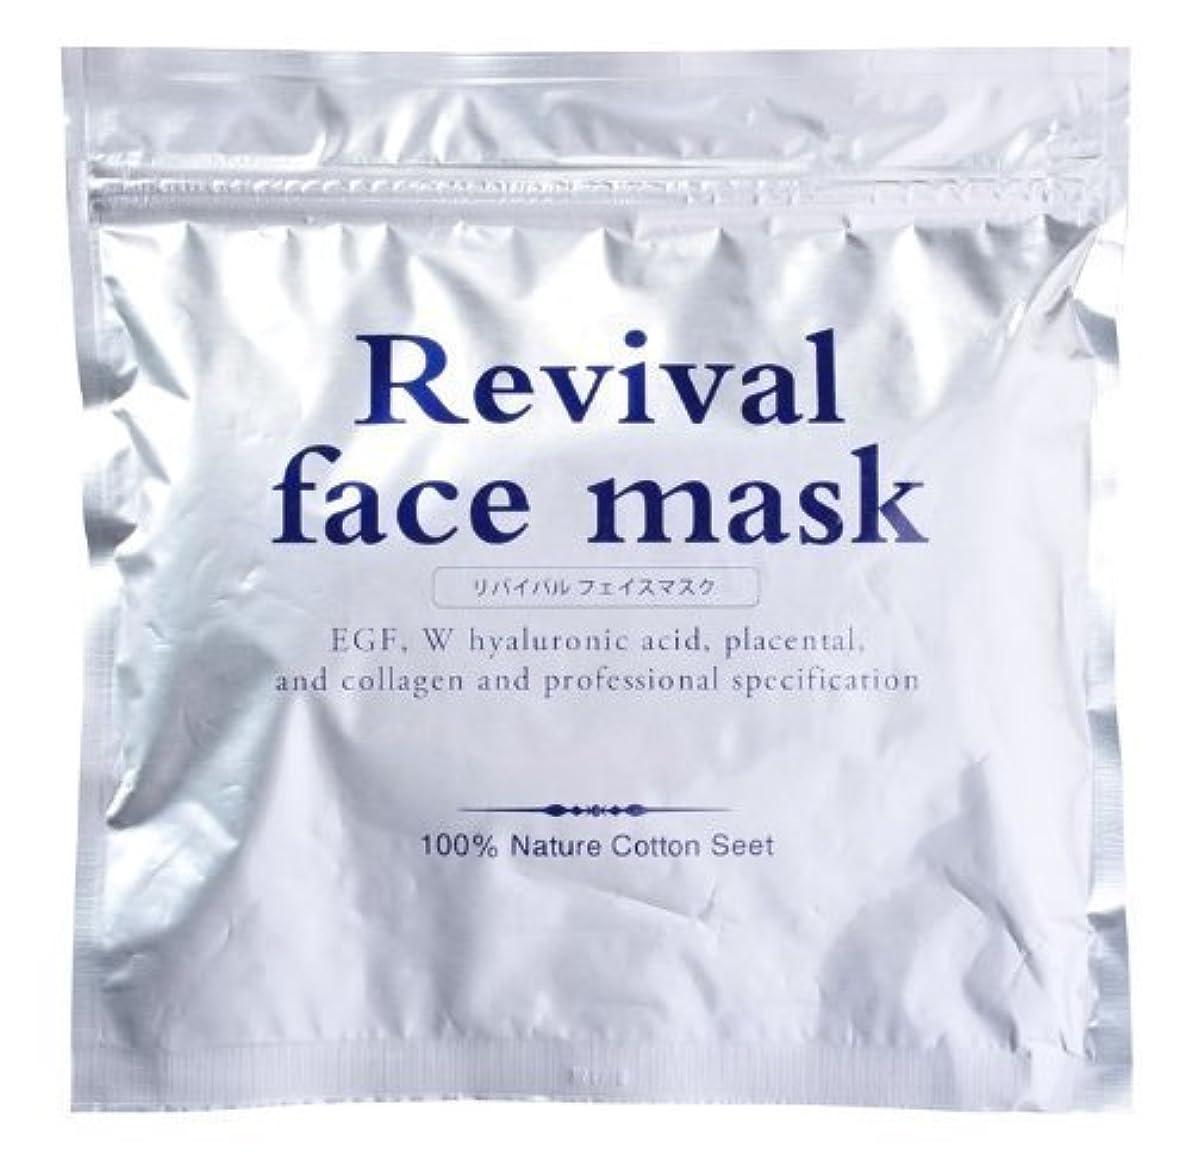 応用バランス磁器リバイバル フェイスマスク 30枚